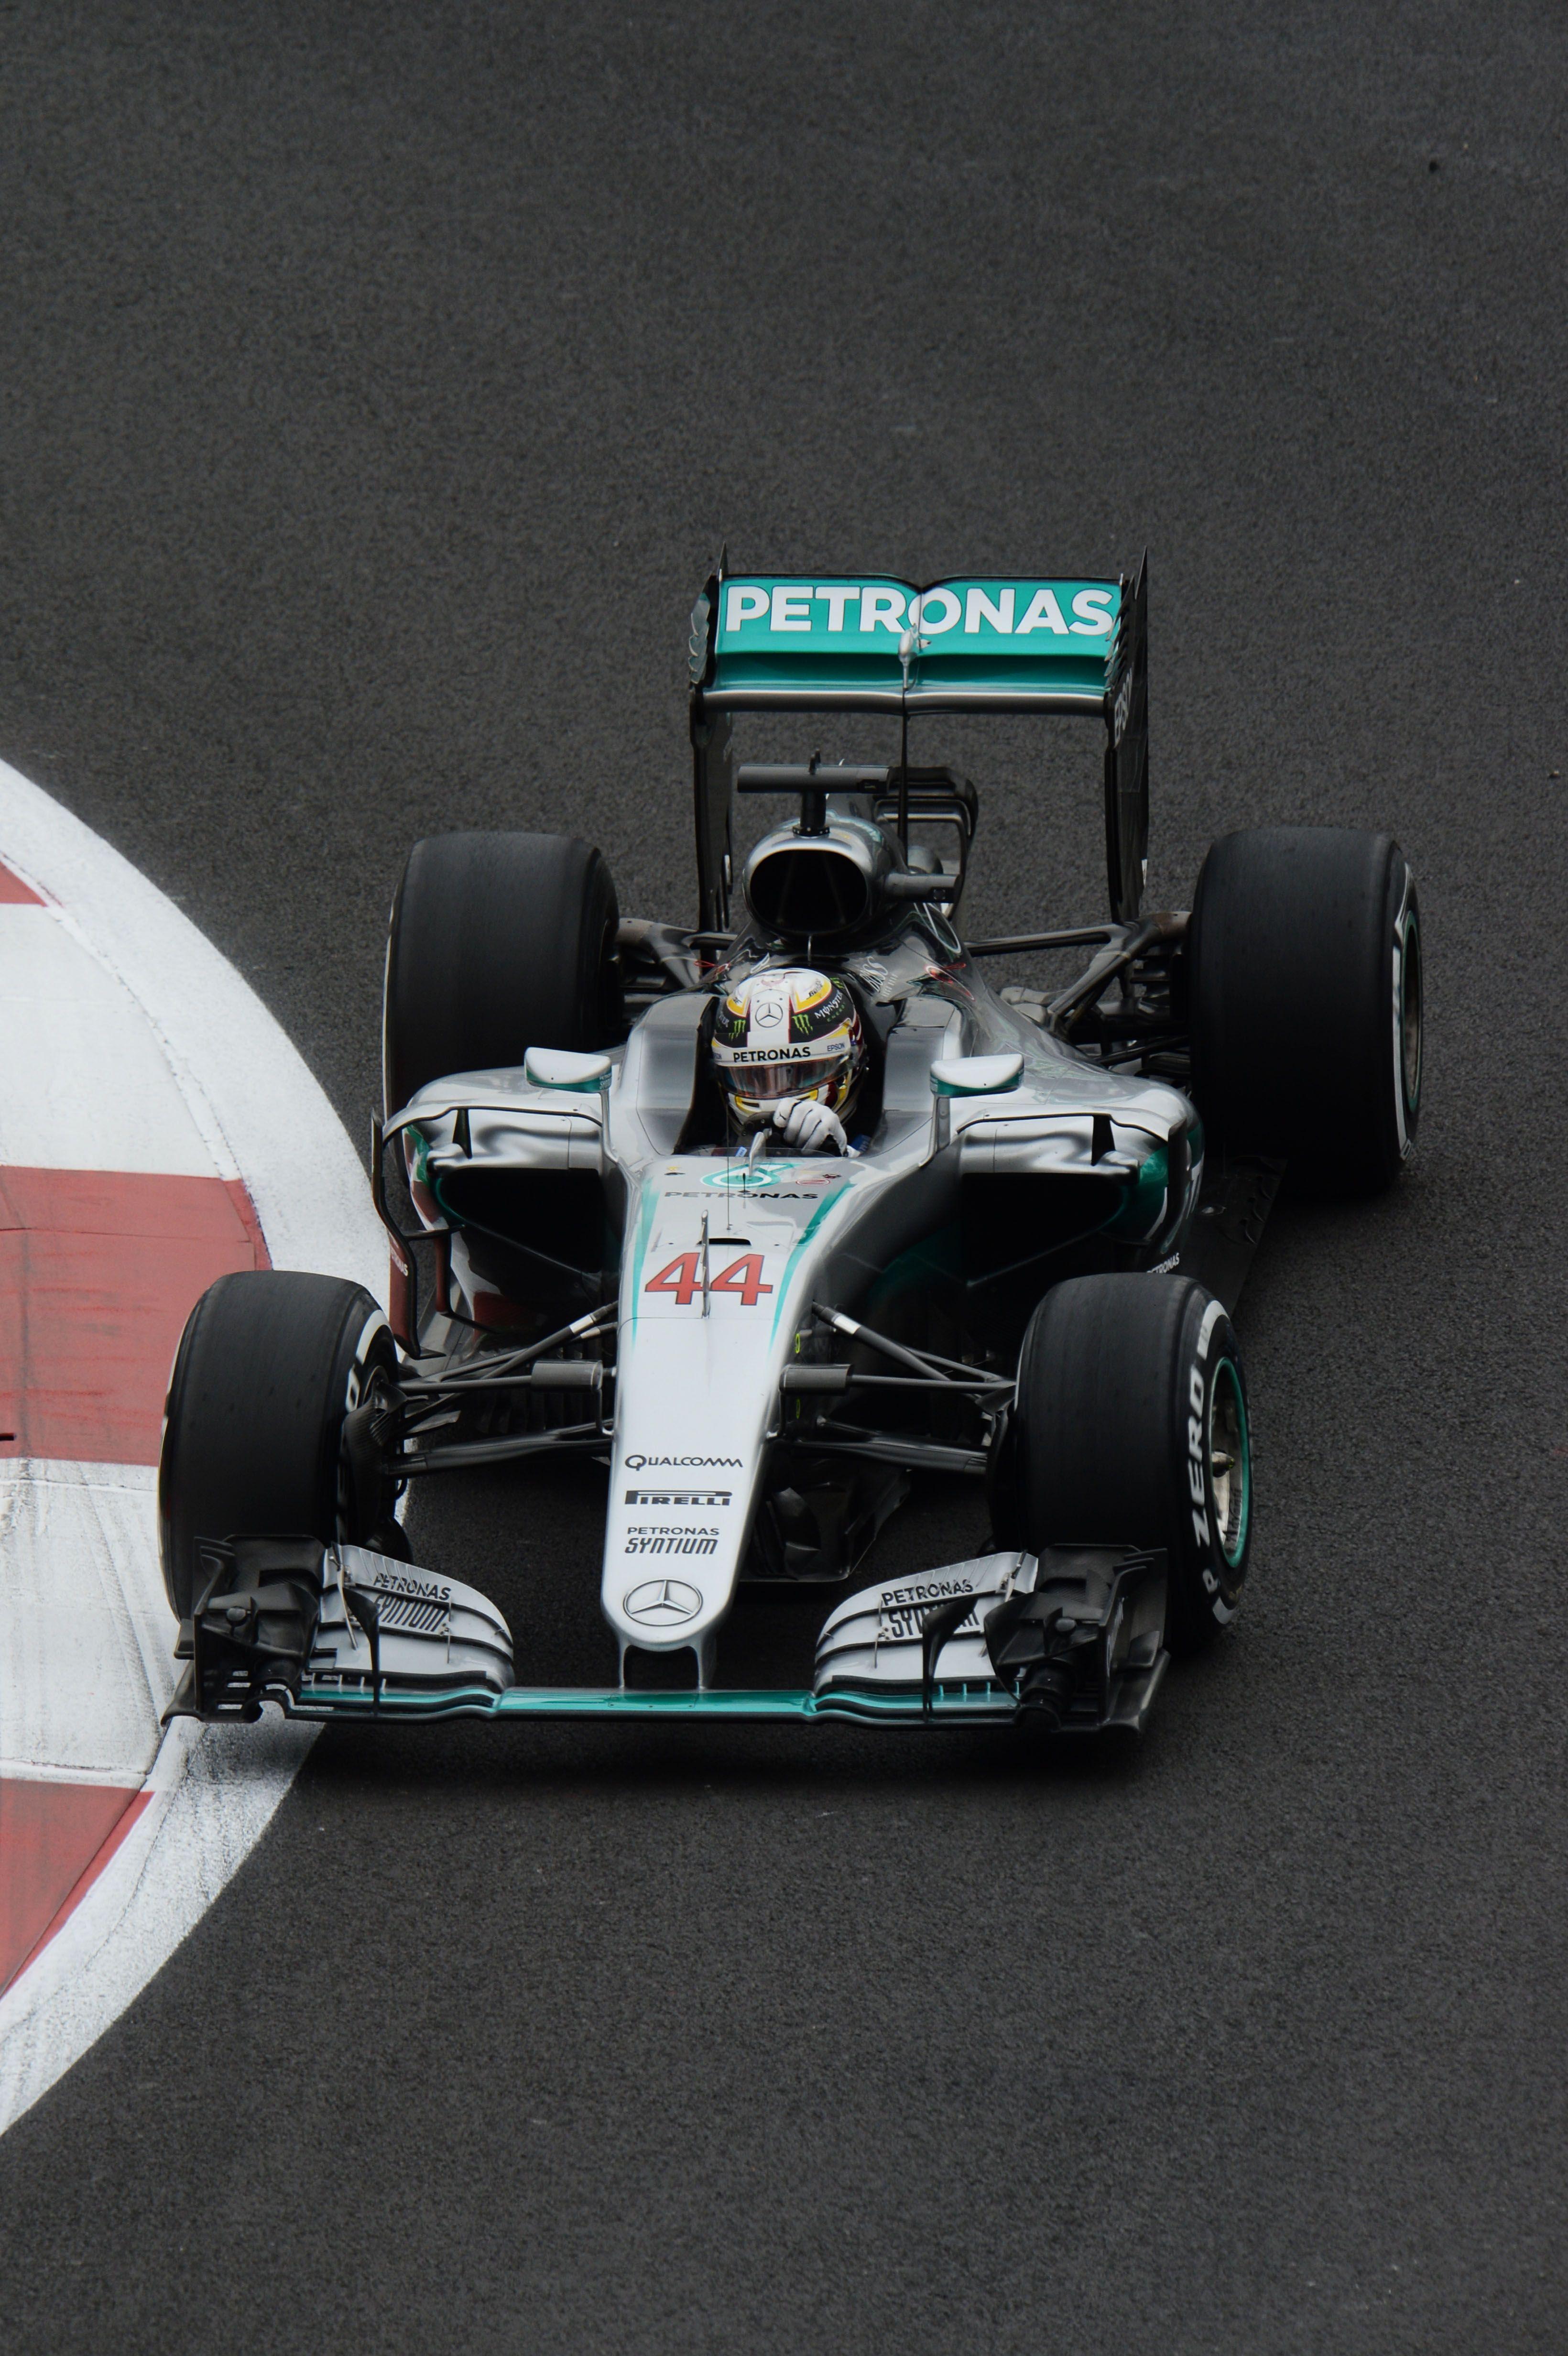 Lewis Hamilton F1 Car Wallpaper Lewis Hamilton 2018 Wallpapers Wallpaper Cave